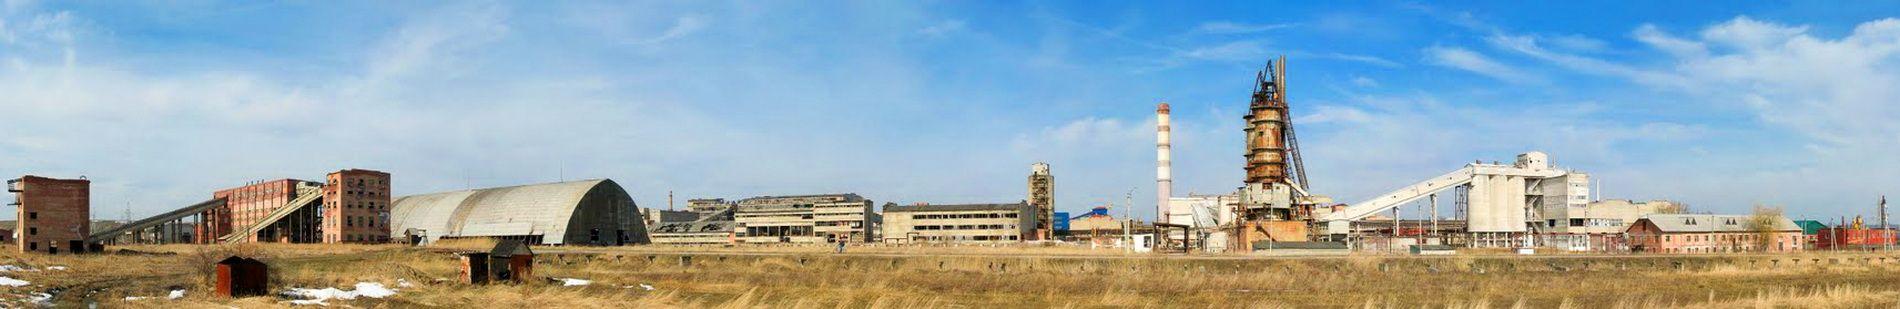 Магнієвий завод, м. Калуш